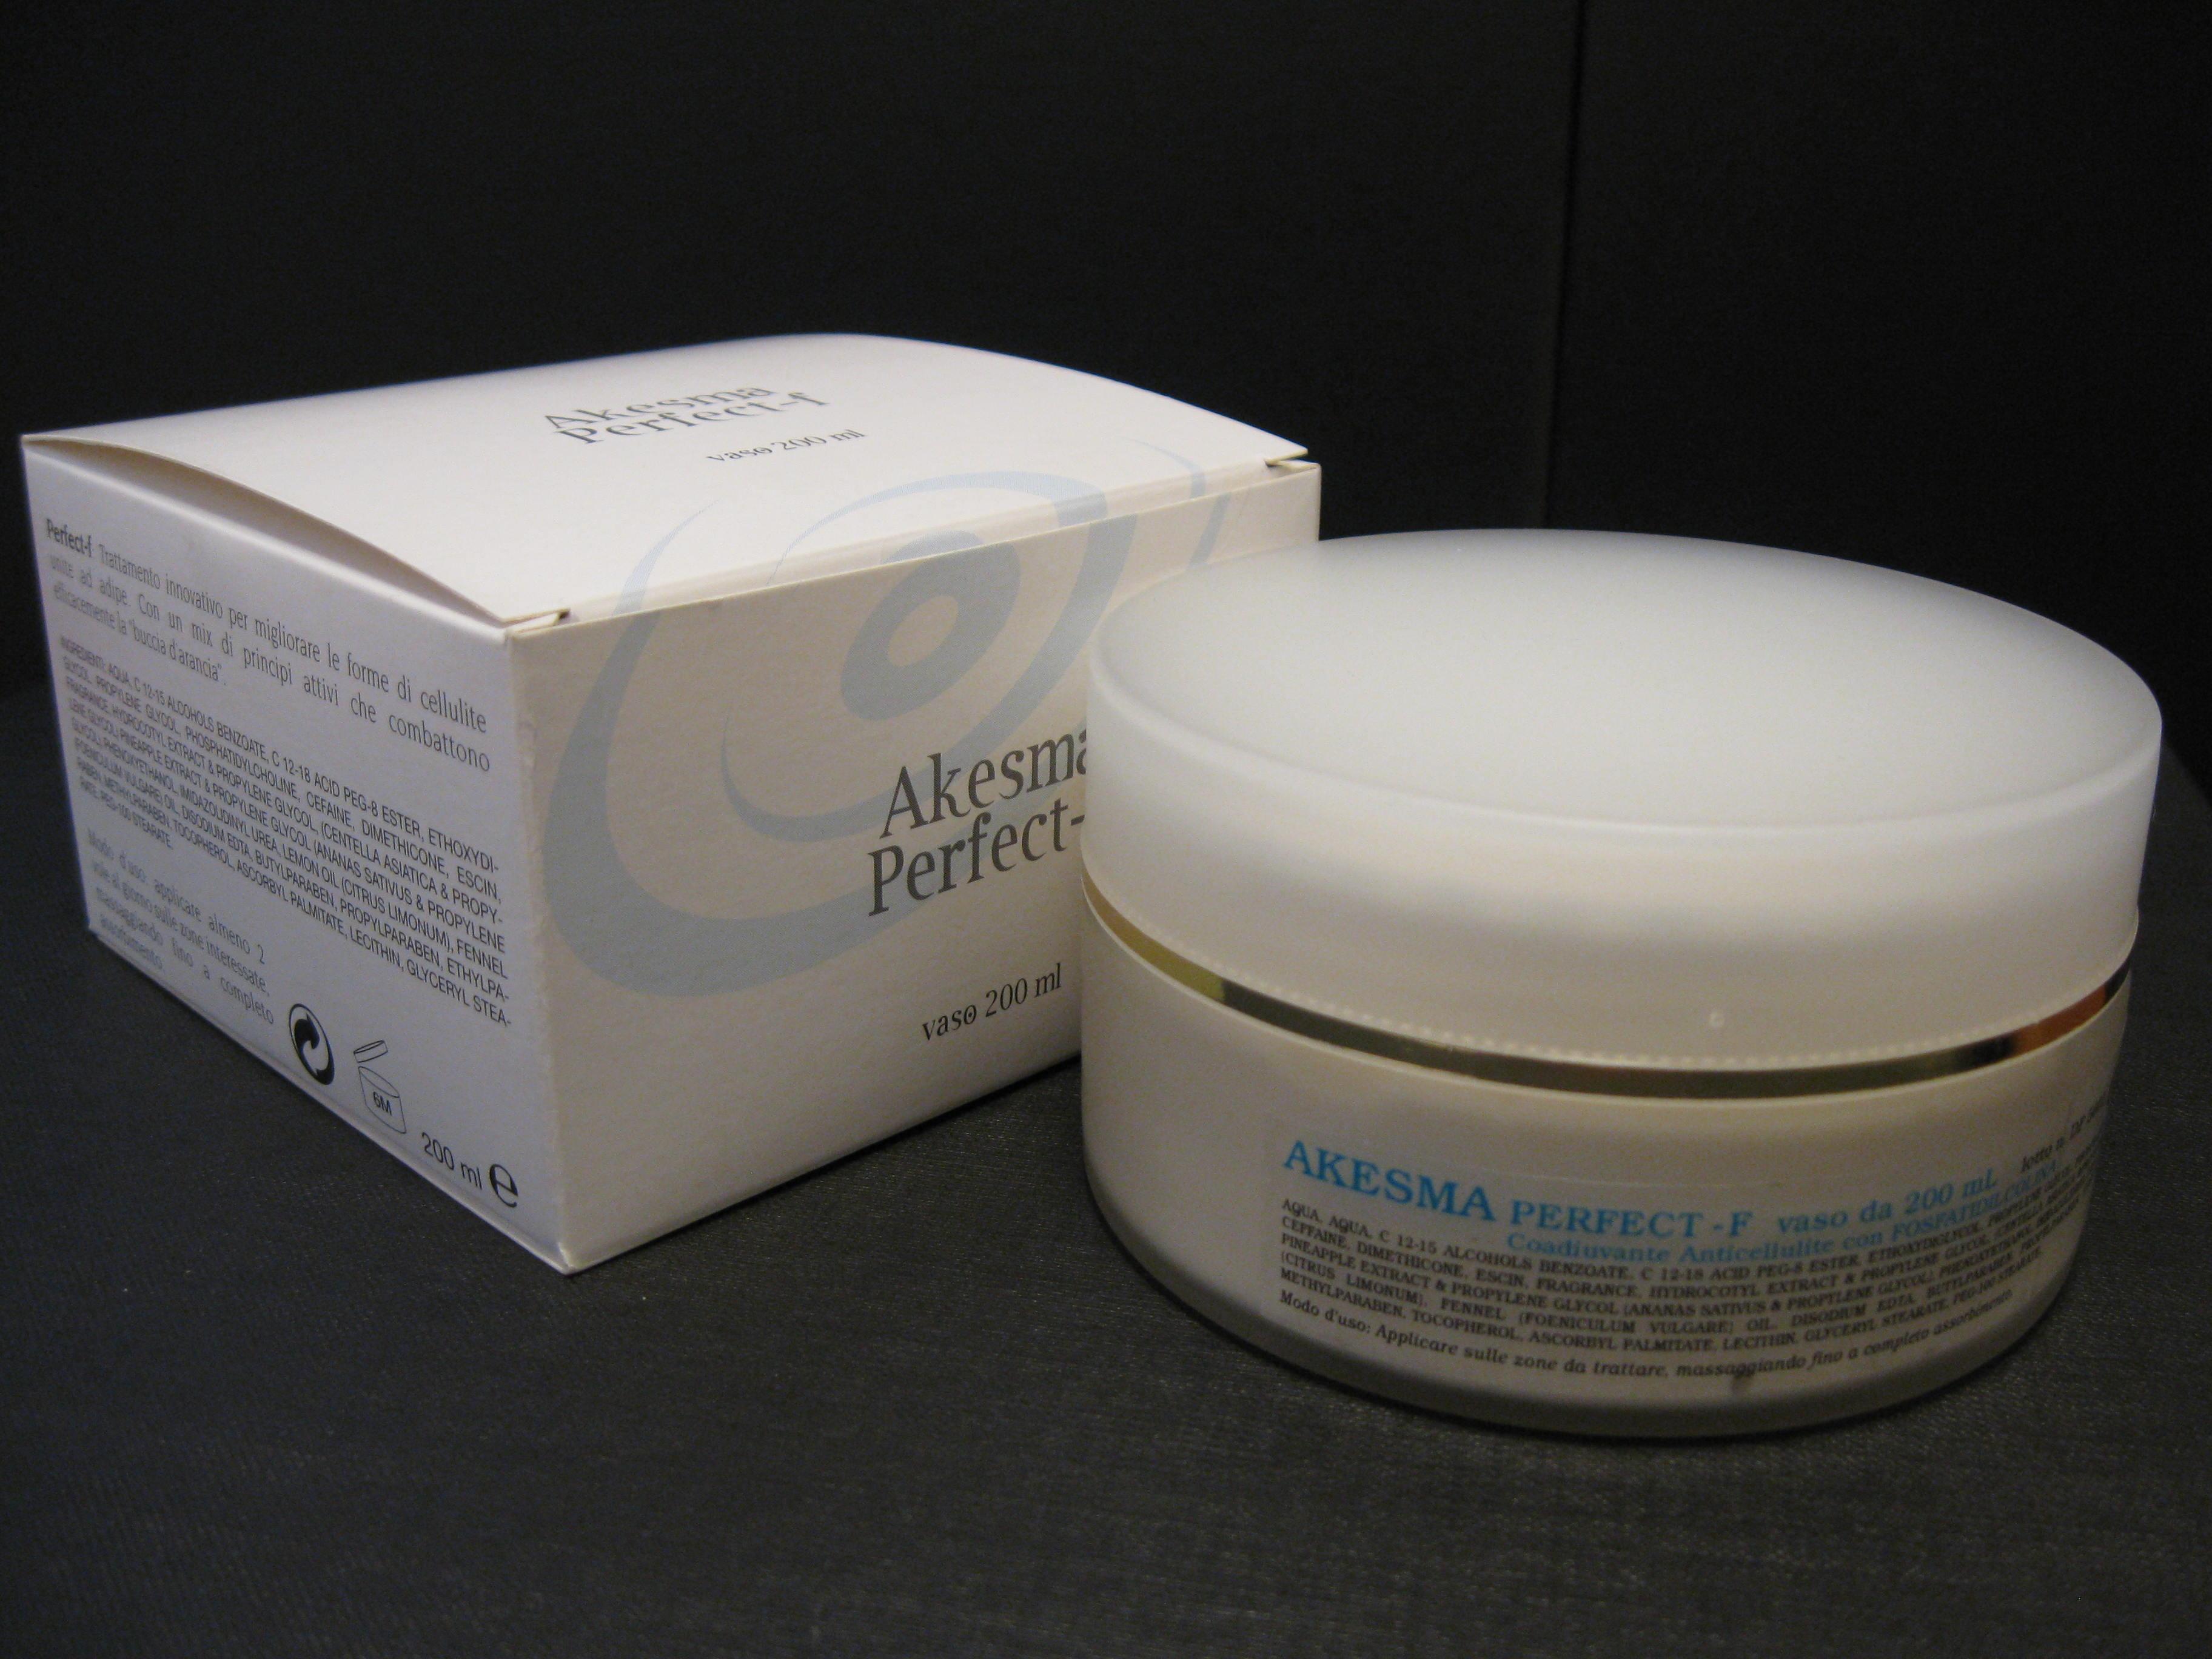 La pasta di decolorazione da posti di pigmentary